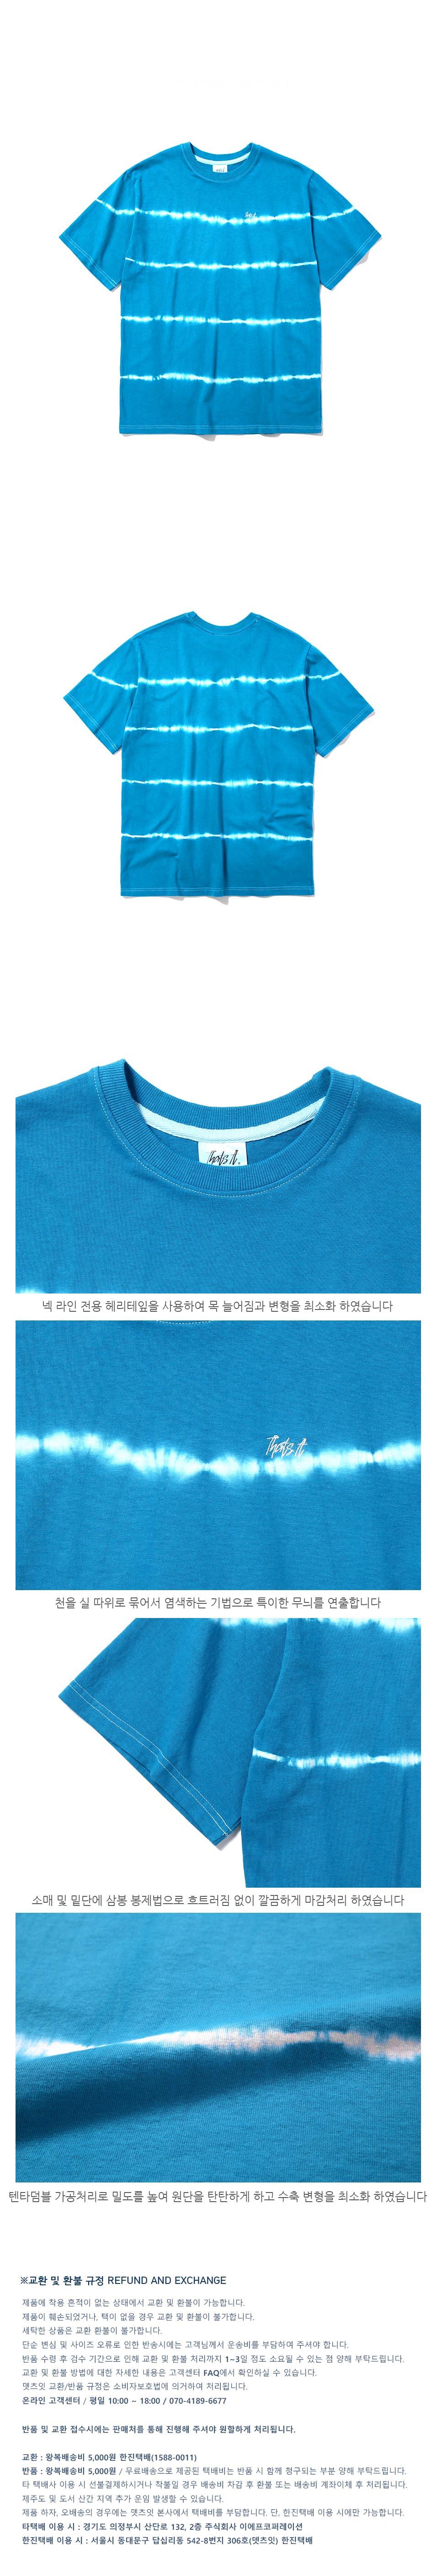 스트라이프 타이다이 티셔츠_블루